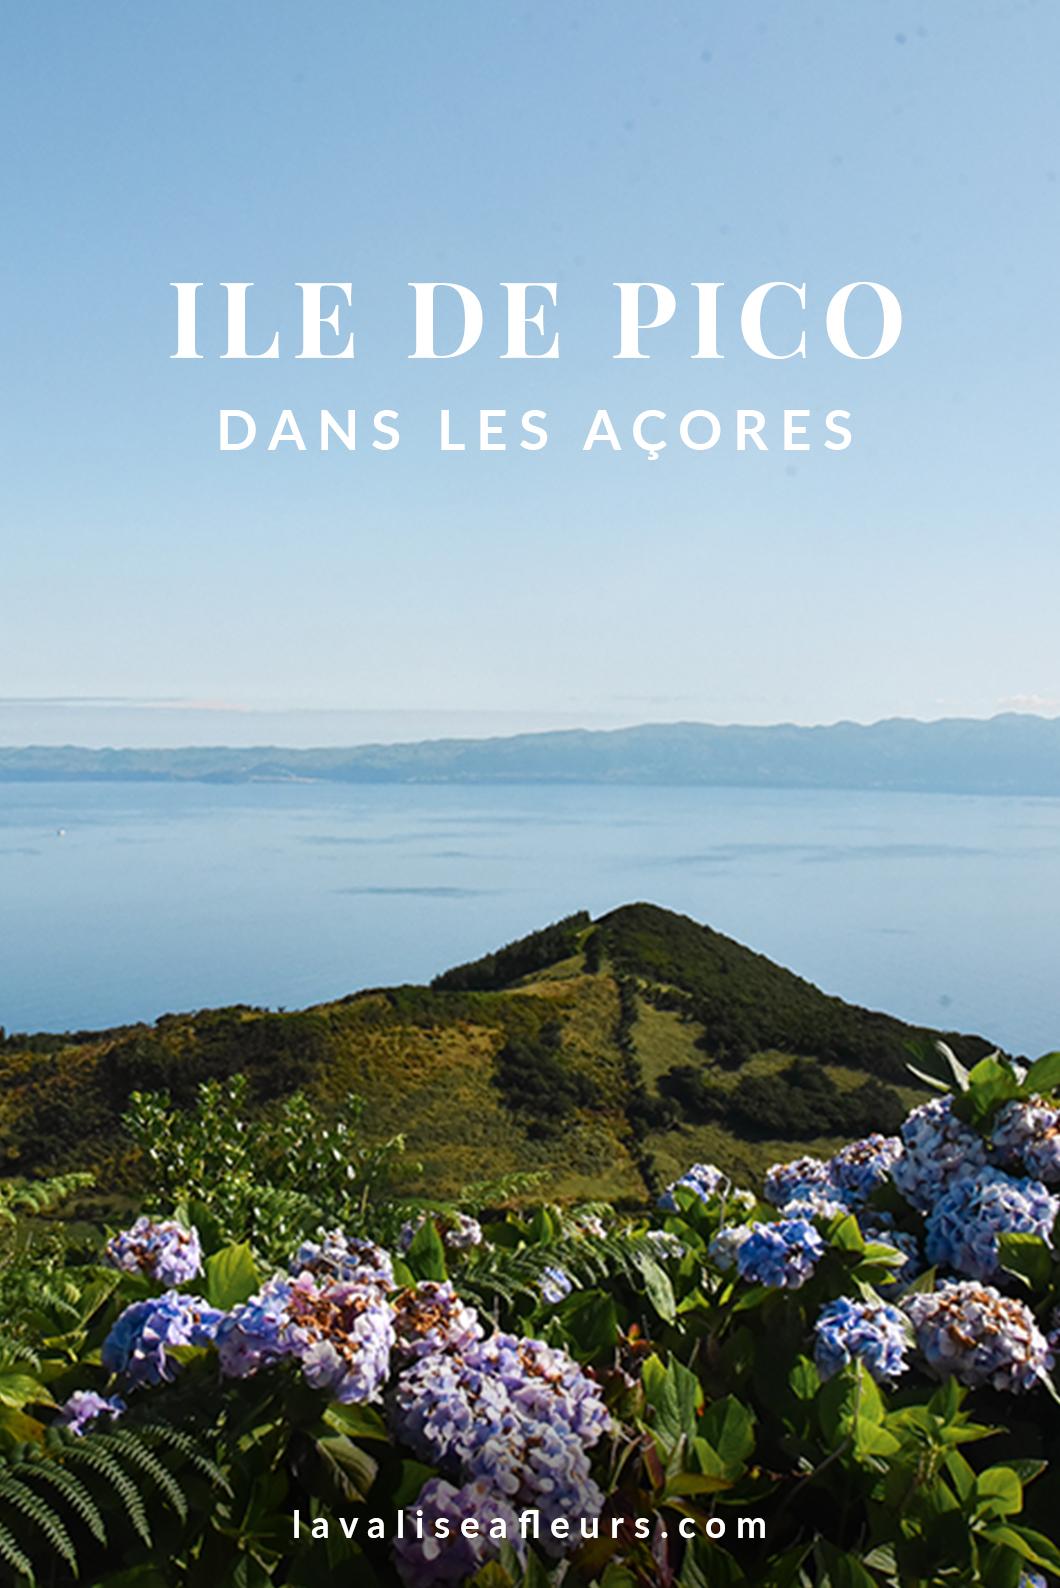 Ile de Pico dans les Açores